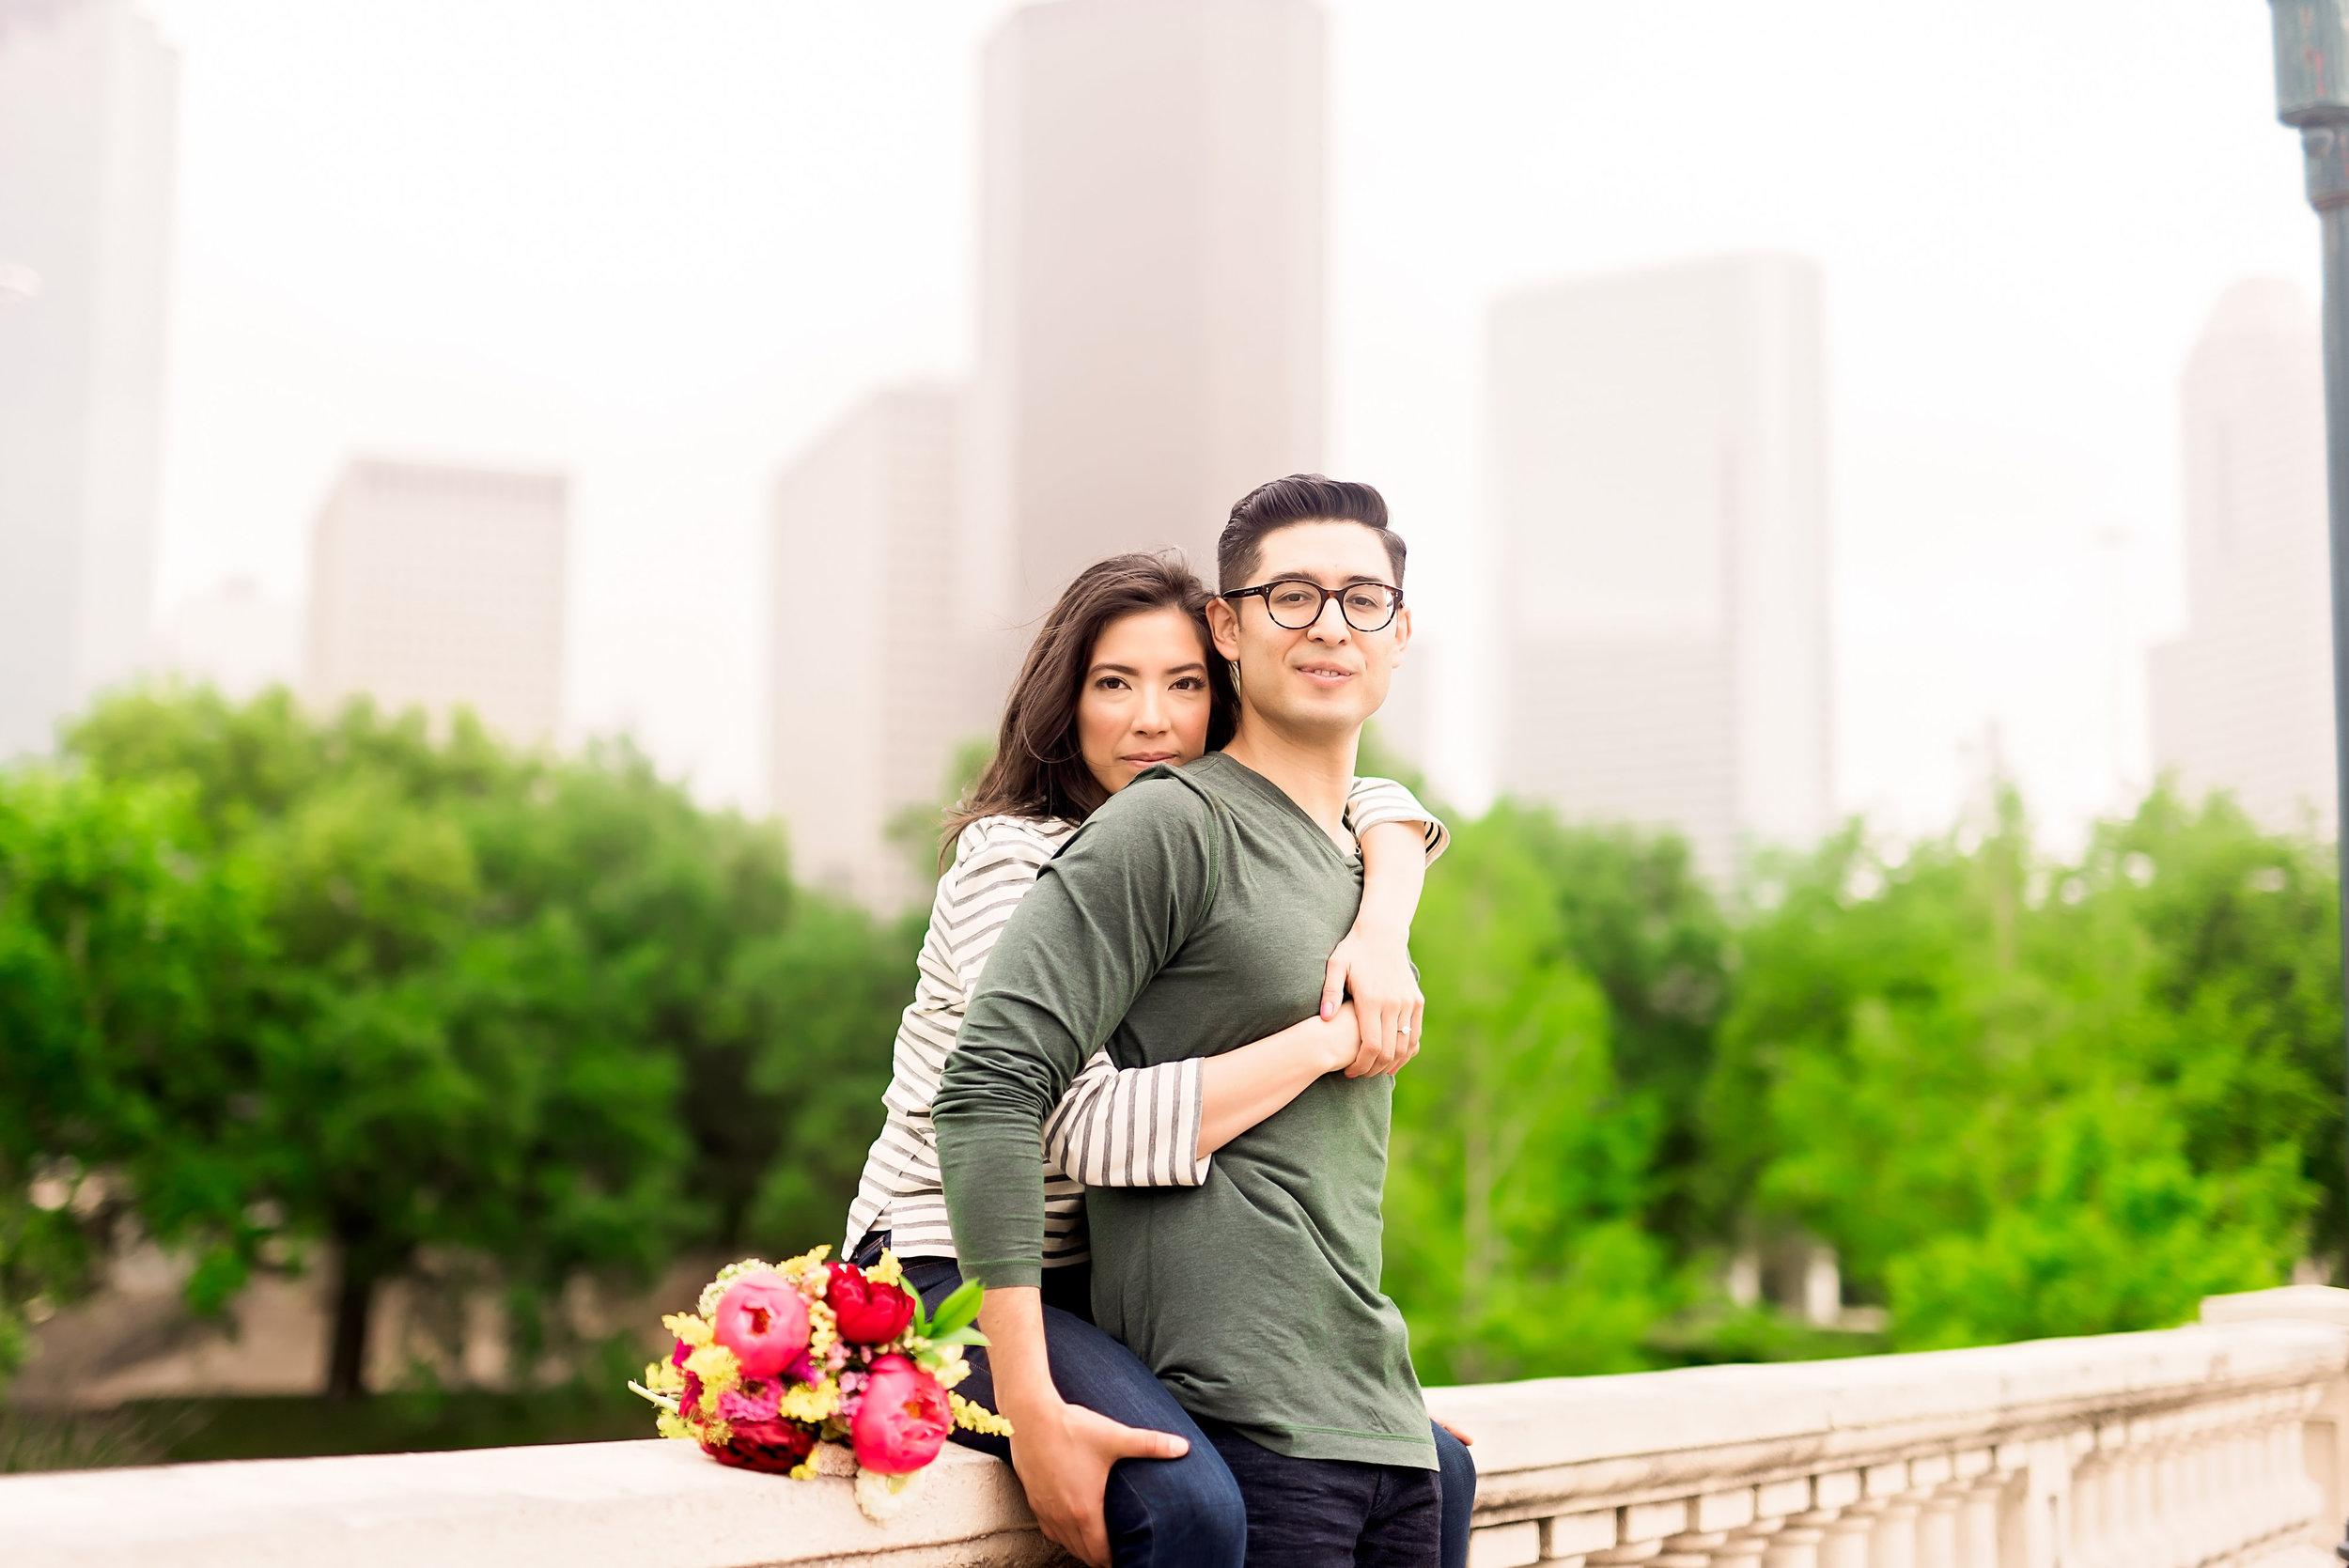 Engagement Session- Houston Engagement- Texas Photographer- Pharris Photography- Buffalo Bayou- Moses and Melody